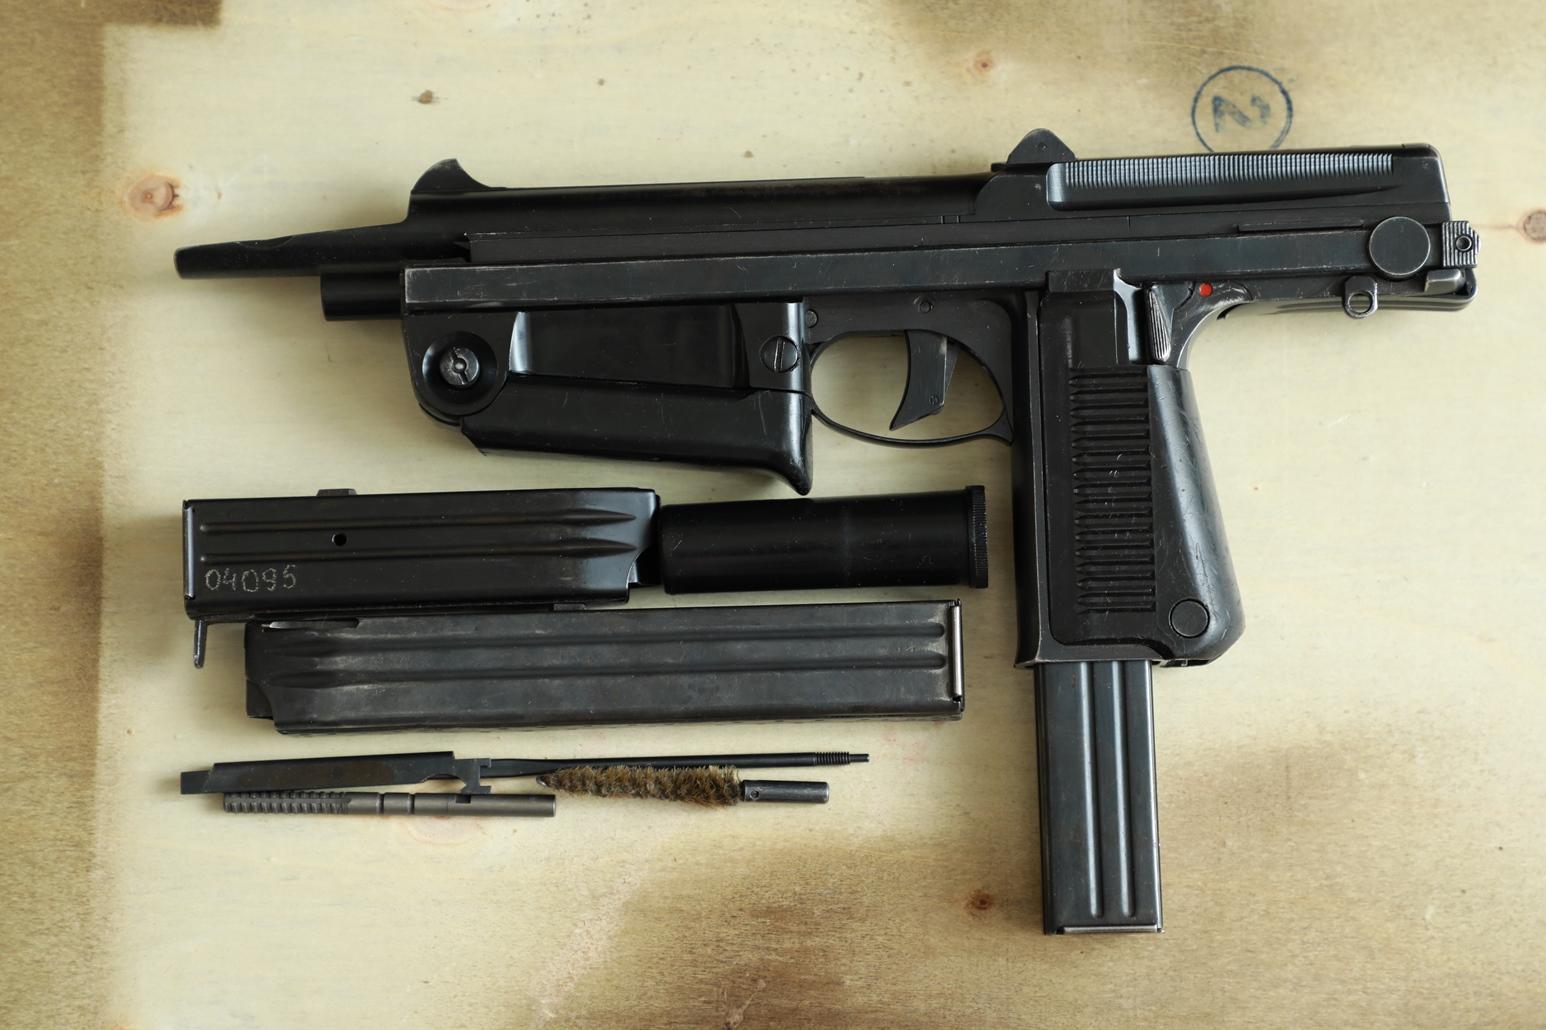 Охолощенный пистолет-пулемет RAK-63 #WR 4046 1972 год, 2 категория